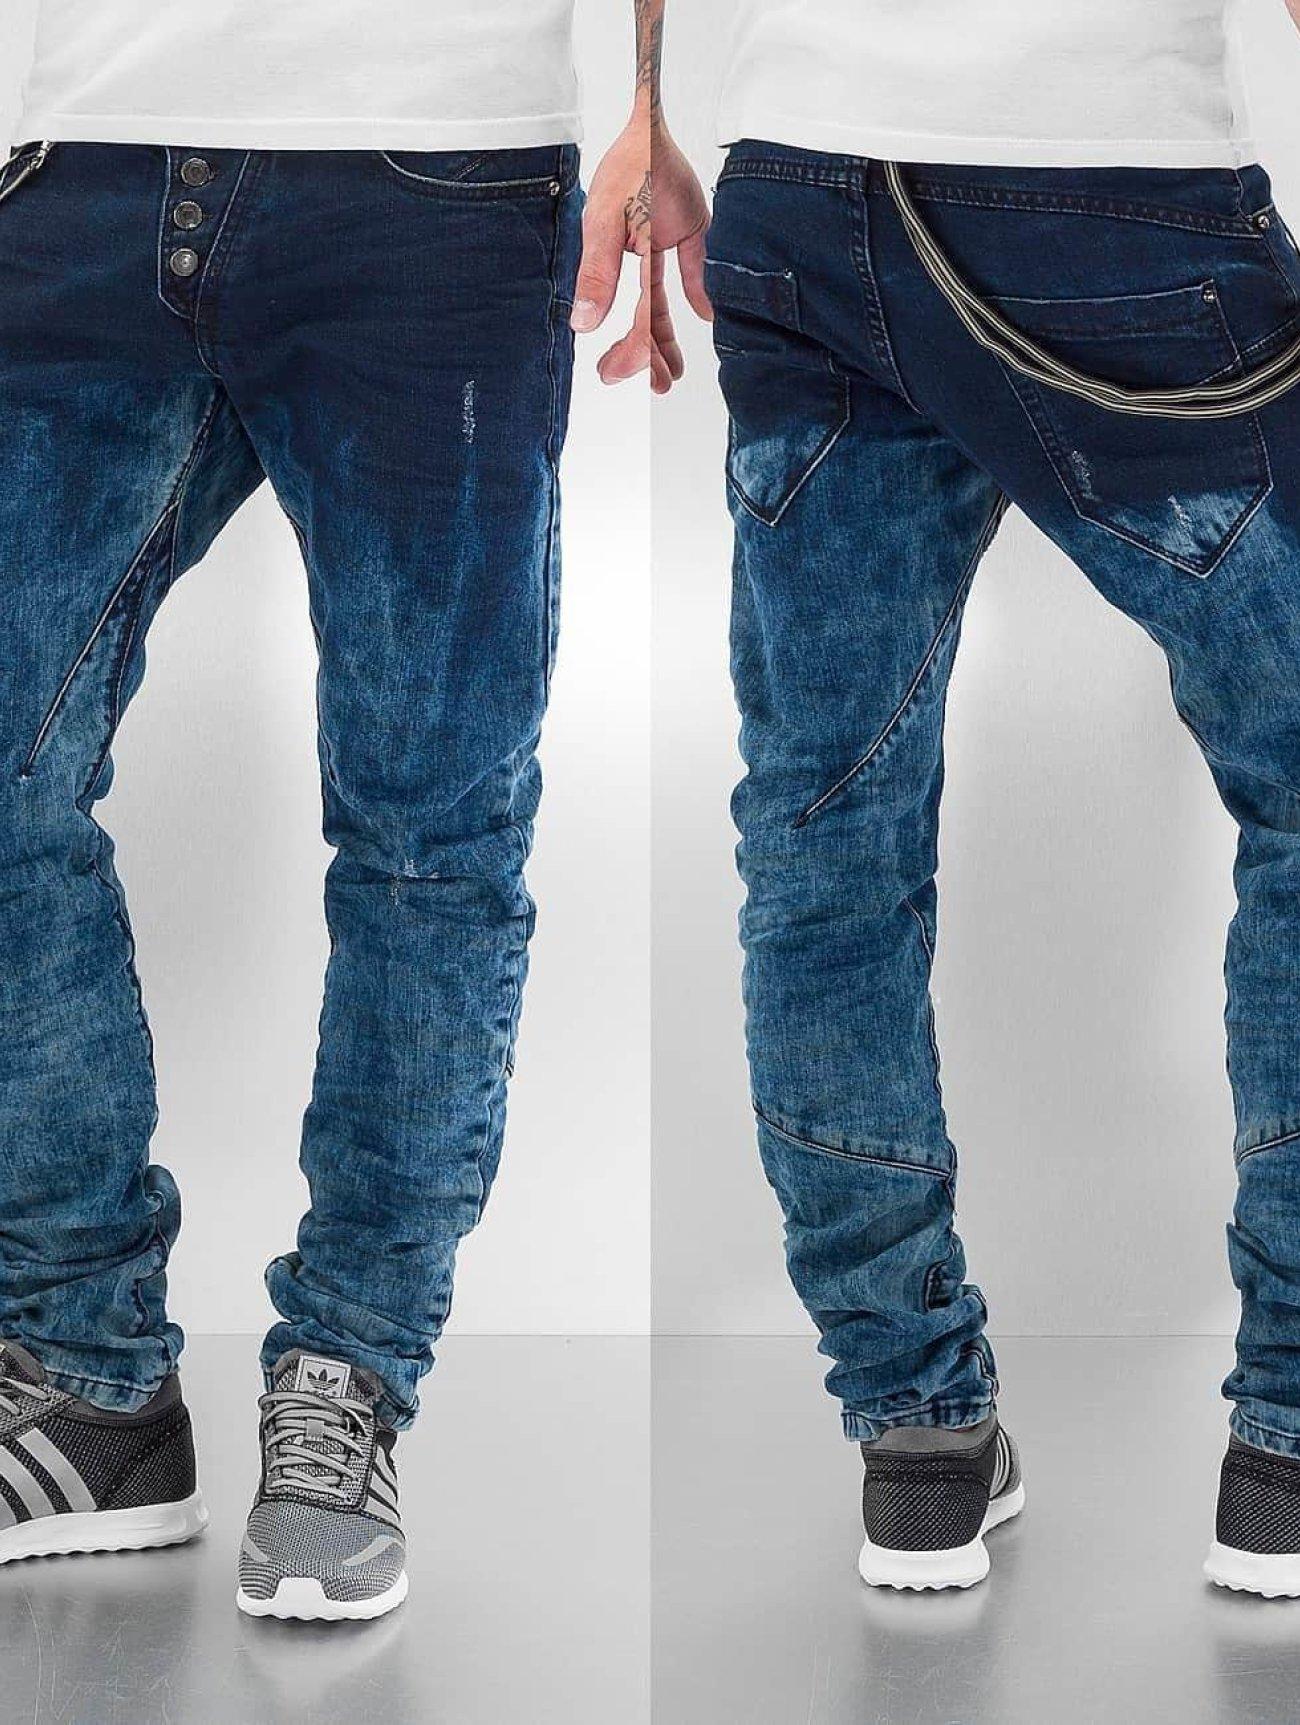 Cipo & Baxx  Acid  bleu Homme Jean coupe droite  228219 Homme Jeans